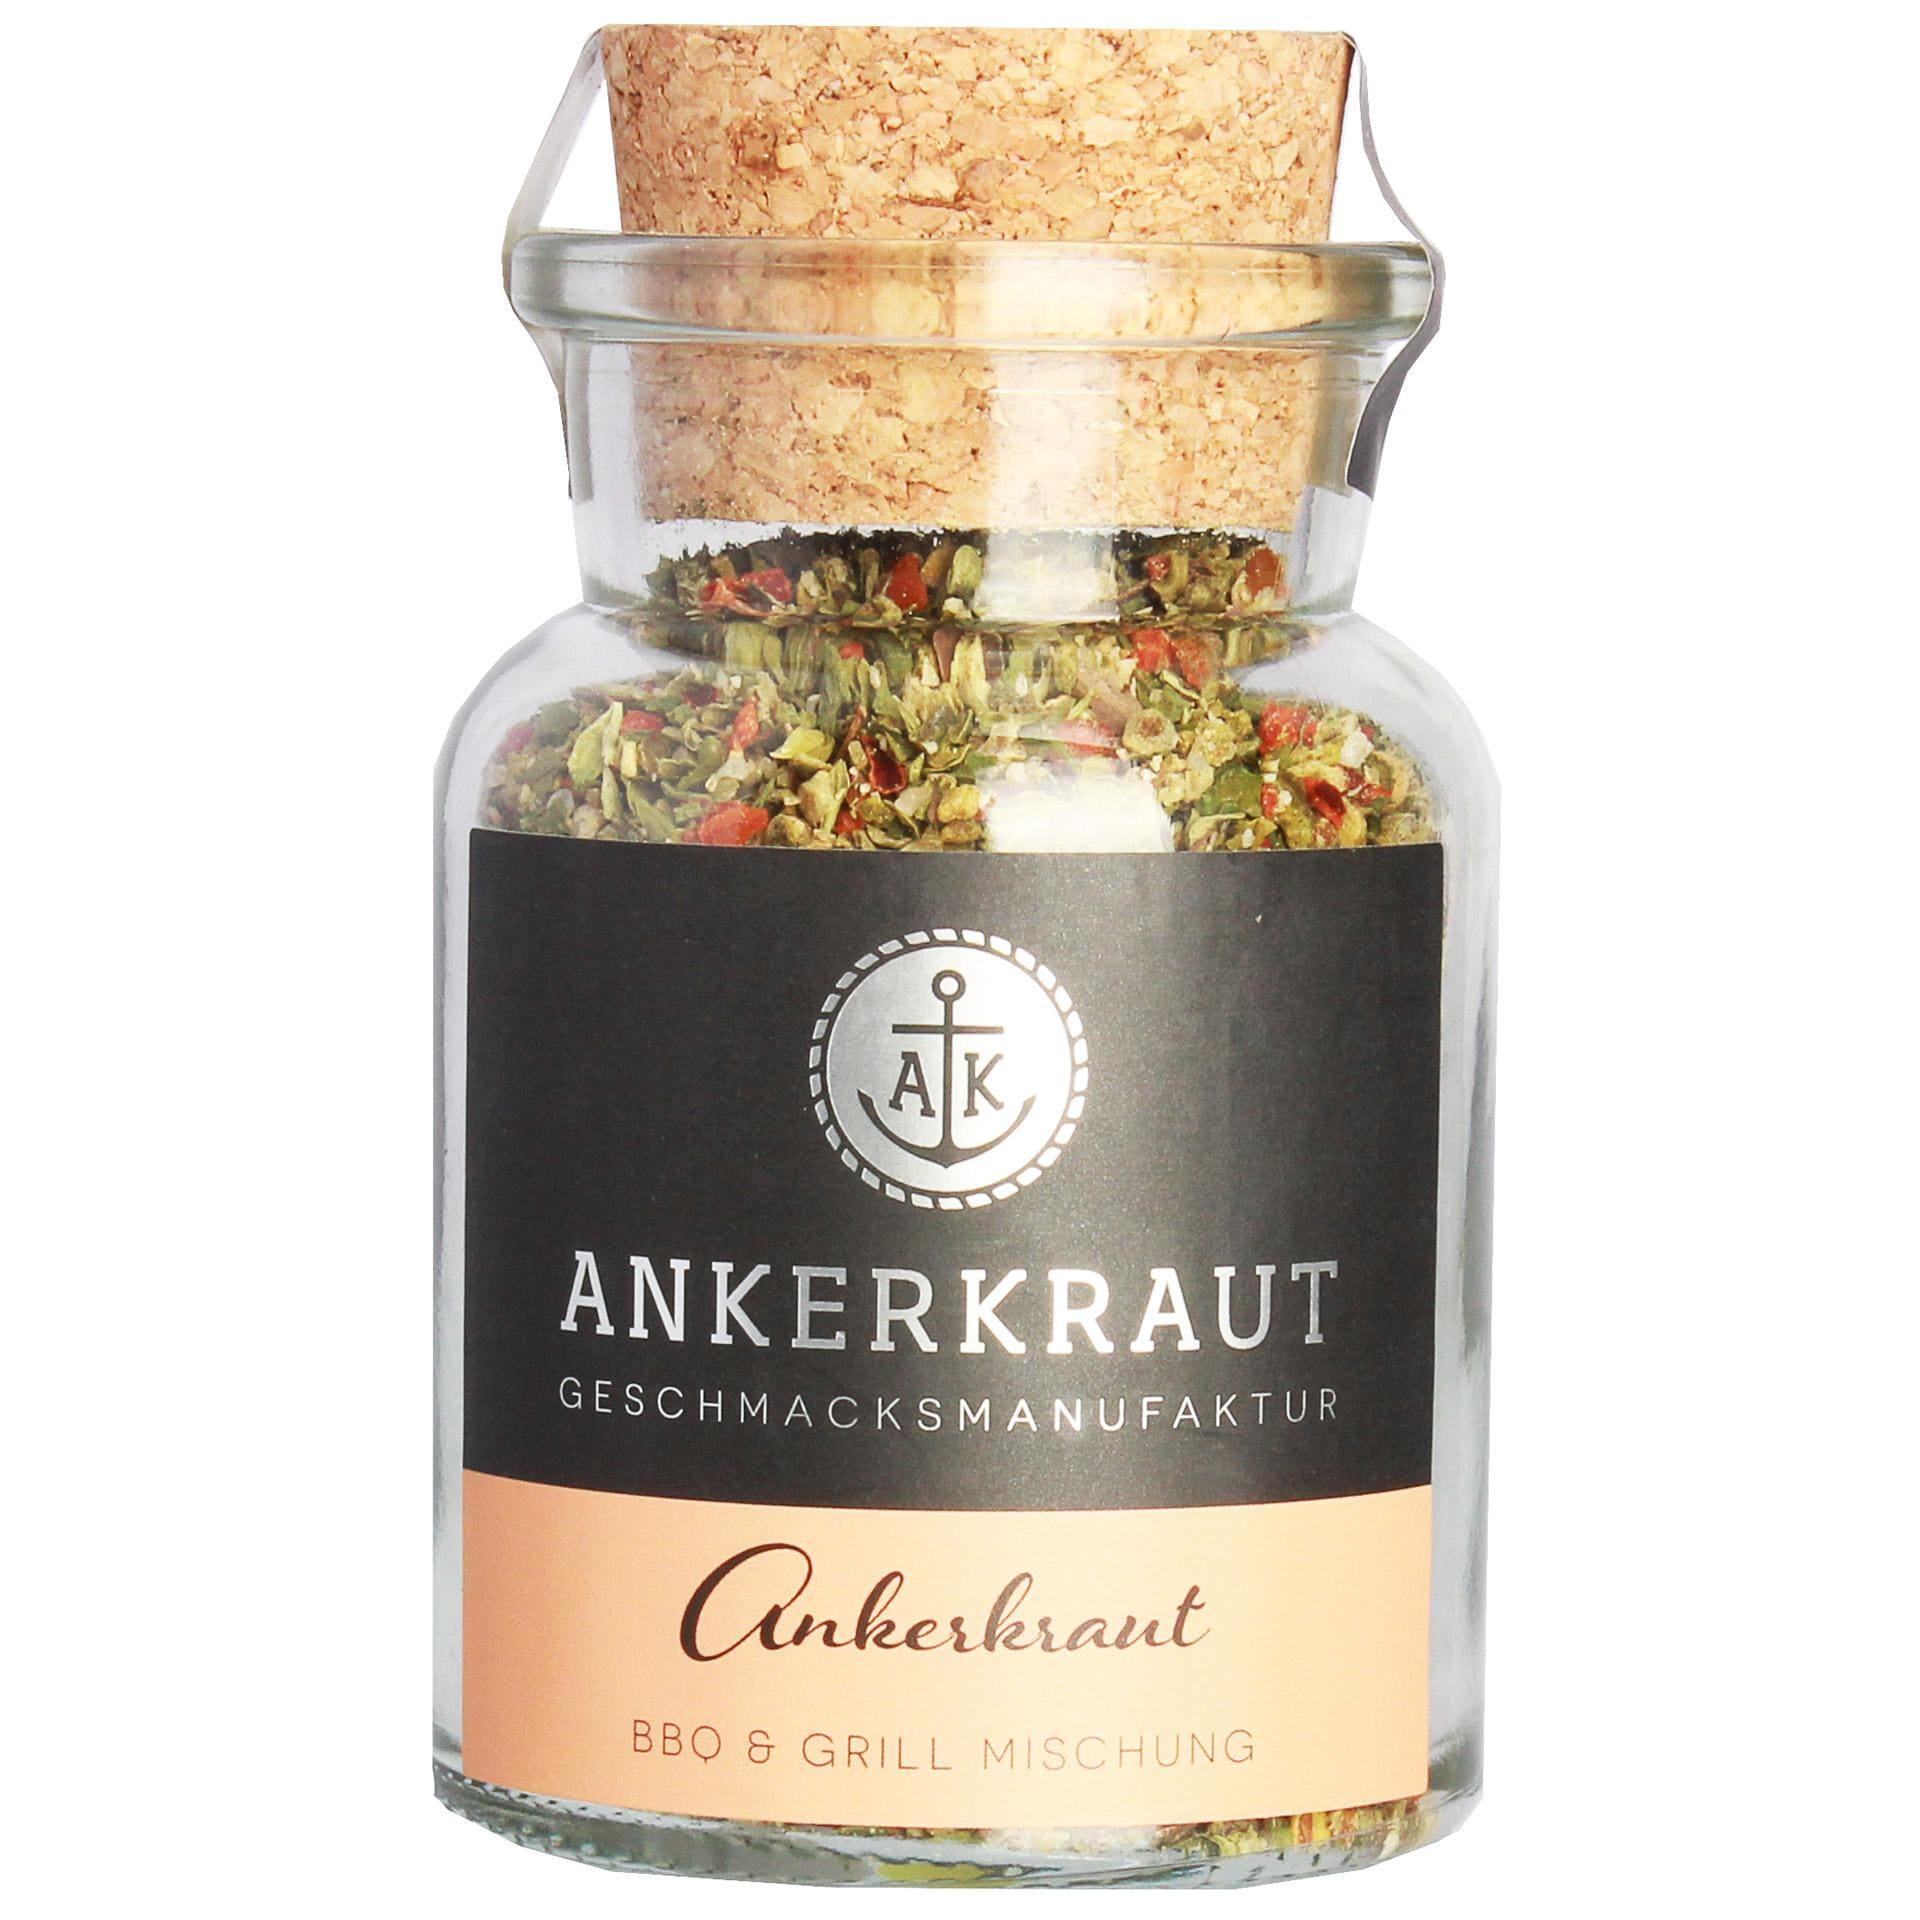 Ankerkraut - BBQ & Grill Gewürzmischung - 75g